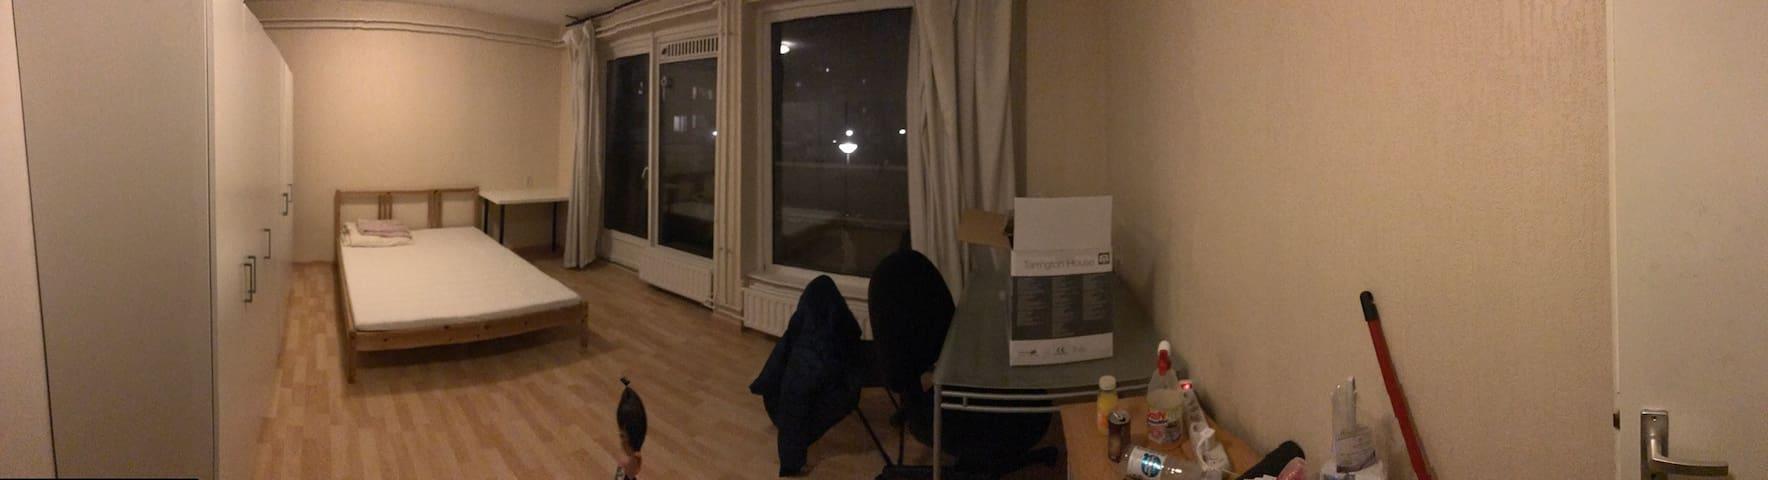 Comfortable double room - Amsterdam-Zuidoost - Apto. en complejo residencial